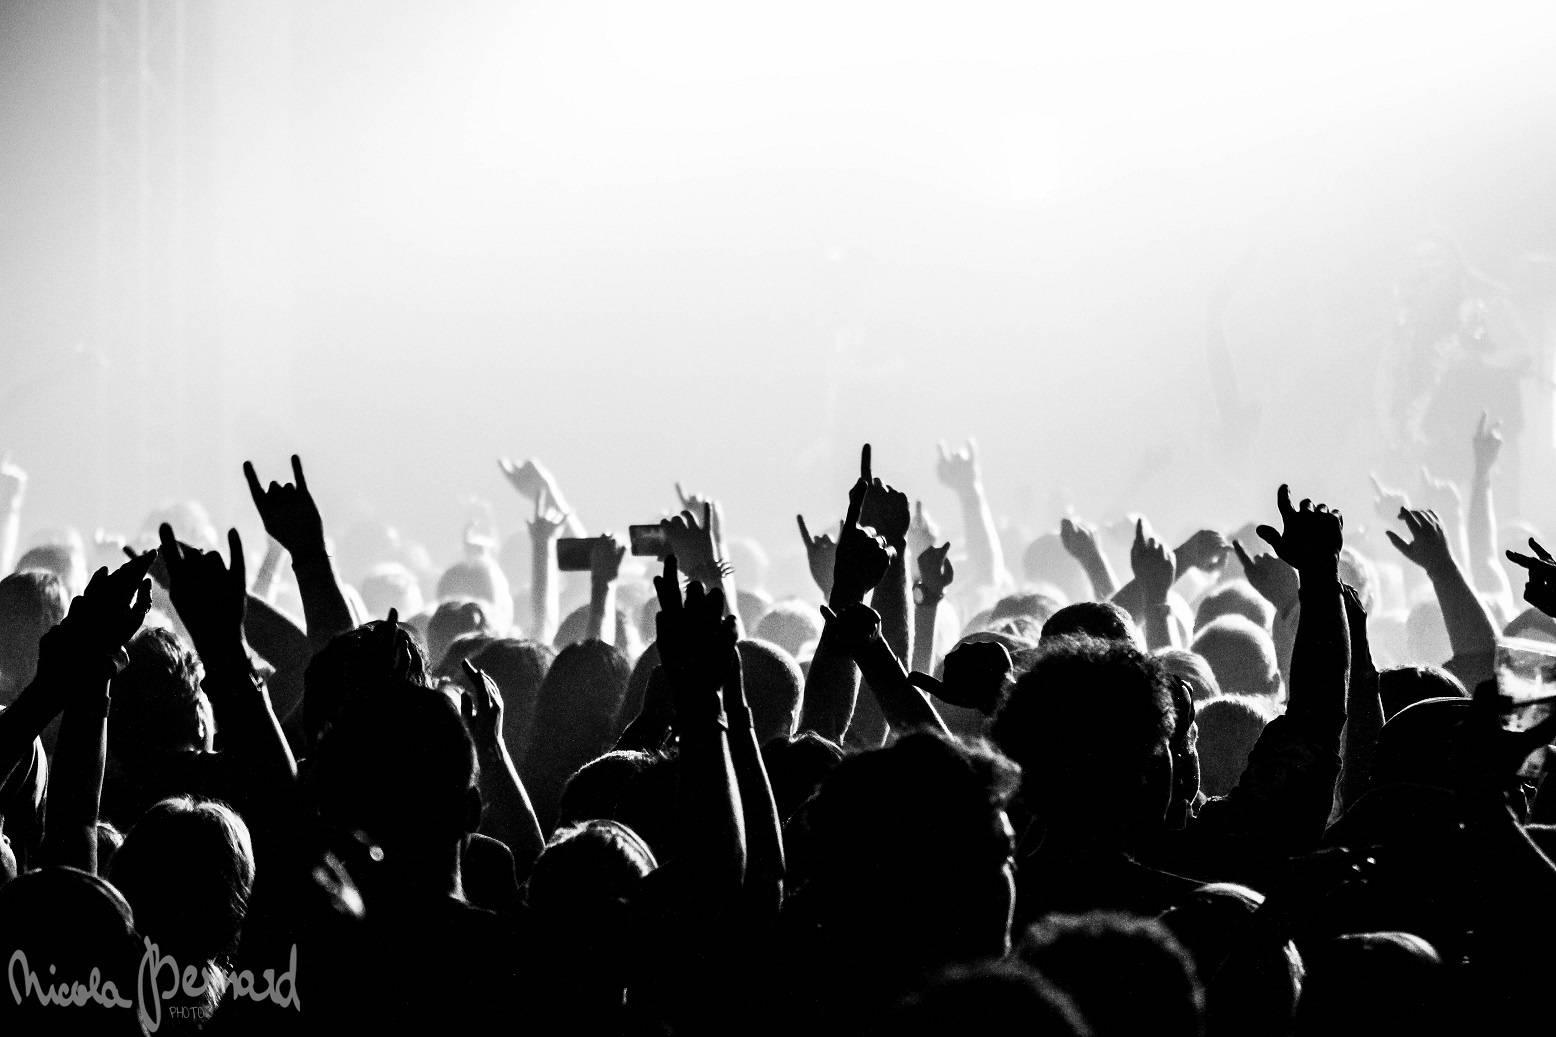 ANKETA: Jak rockeři oslavovali příchod nového ro(c)ku? Vyzpovídali jsme Rybičky 48, Arakain, Dymytry a další